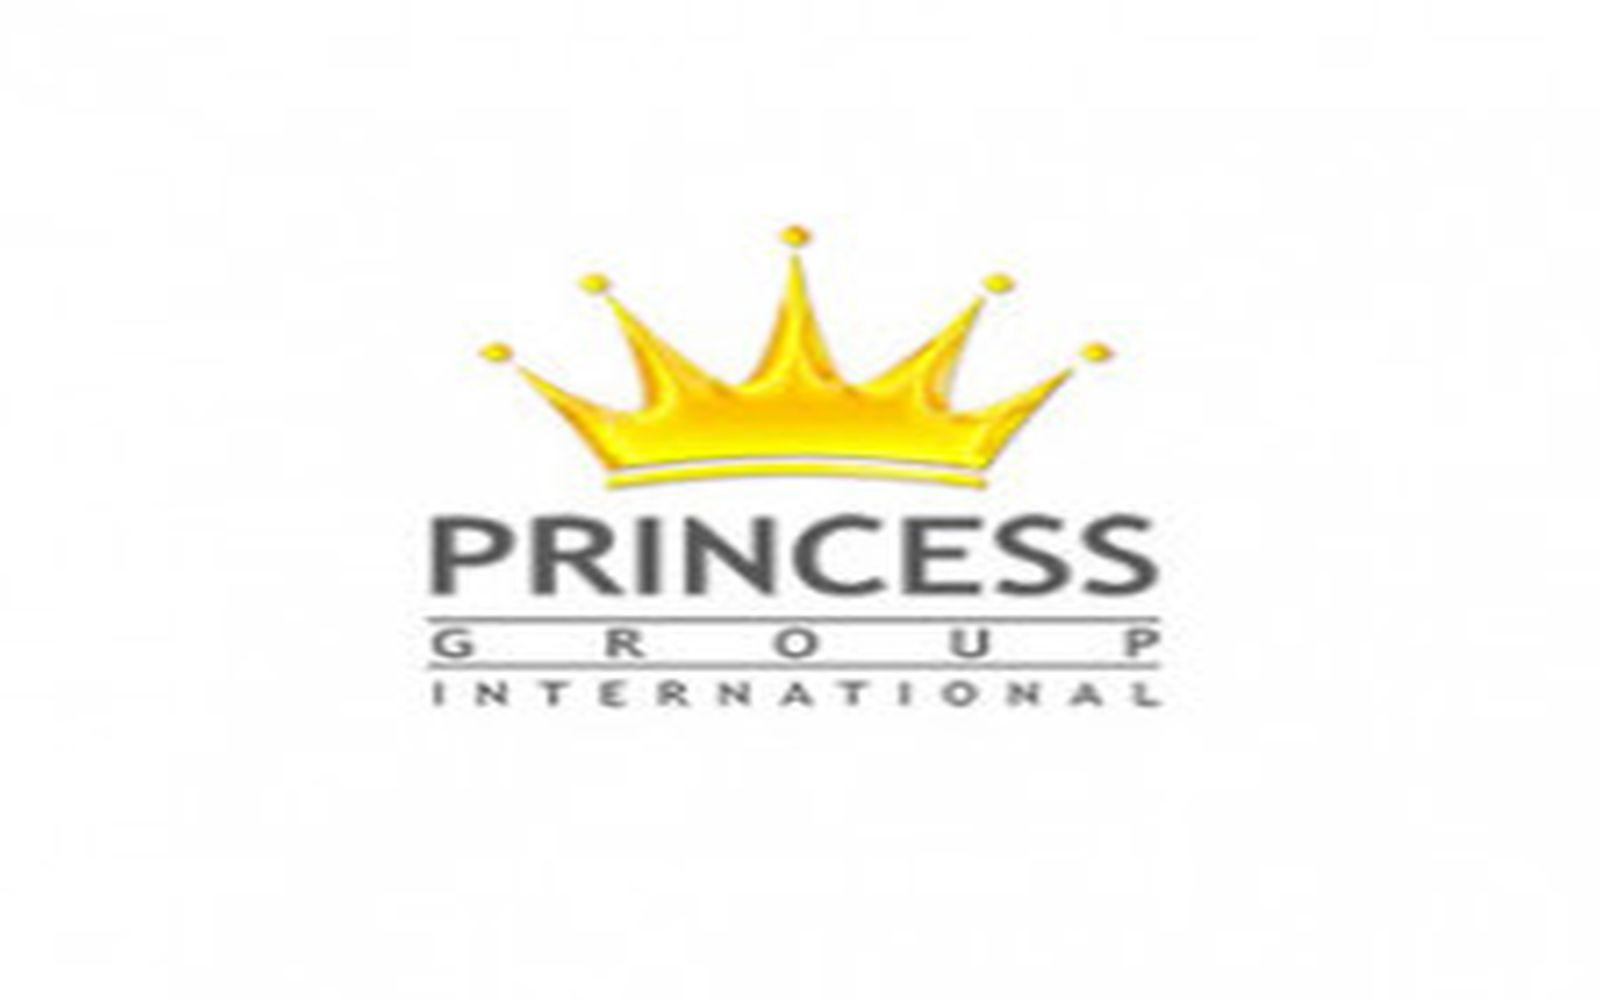 Princess Plovdiv